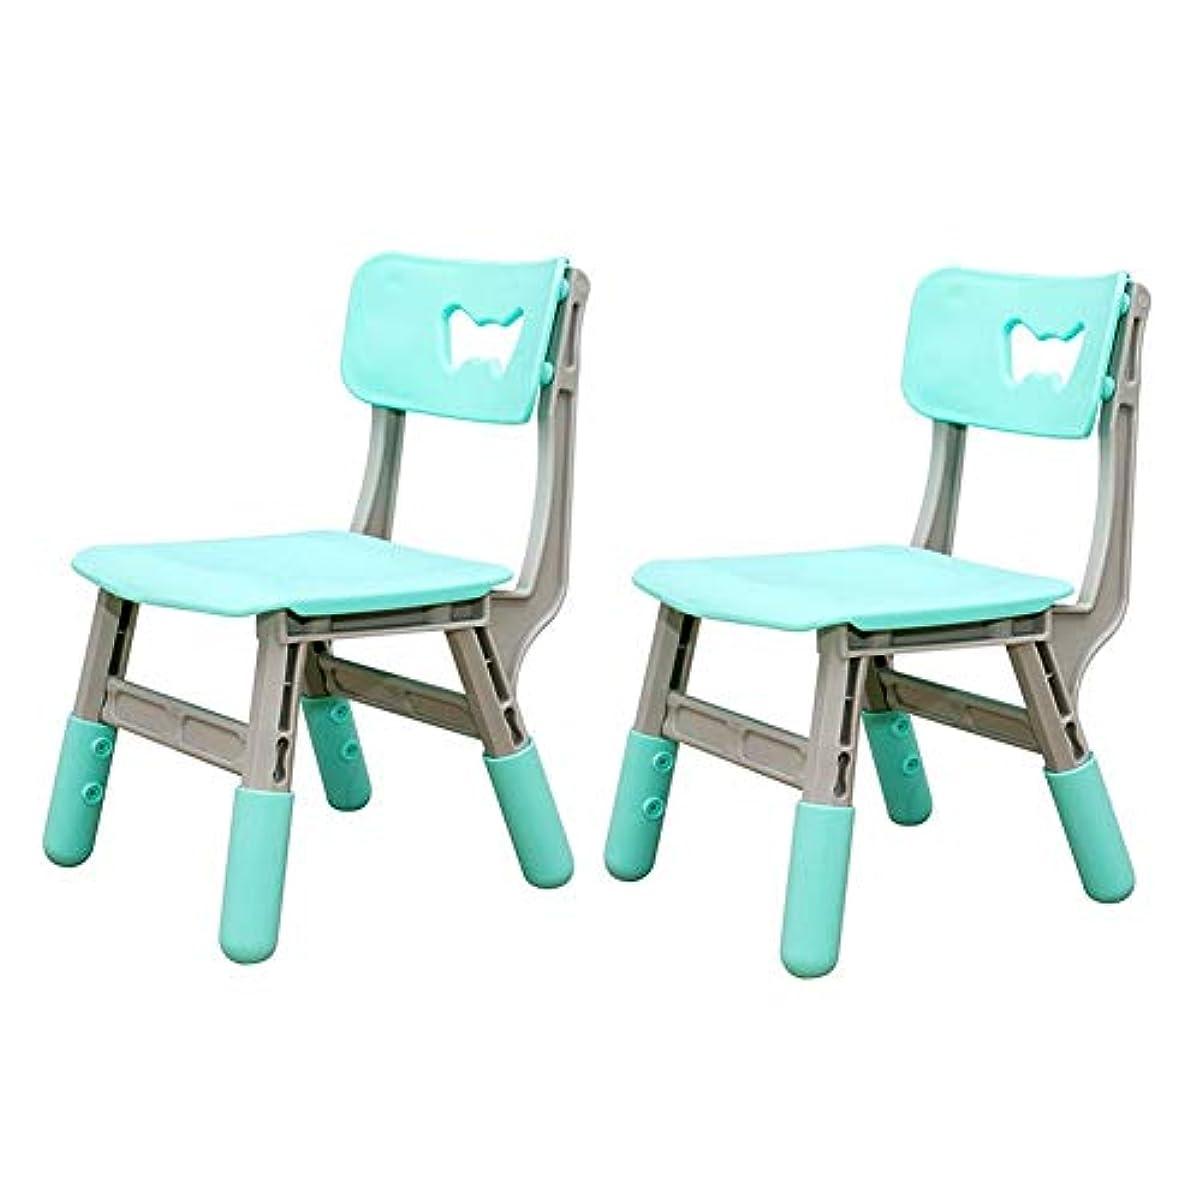 人類廃棄統合CJC テーブル セット の 2 椅子、 子供 シート 調整可能 高さ、 ピクニック パーティー 庭園 保育園 クラブ 屋内 アウトドア 教室 (色 : 青)